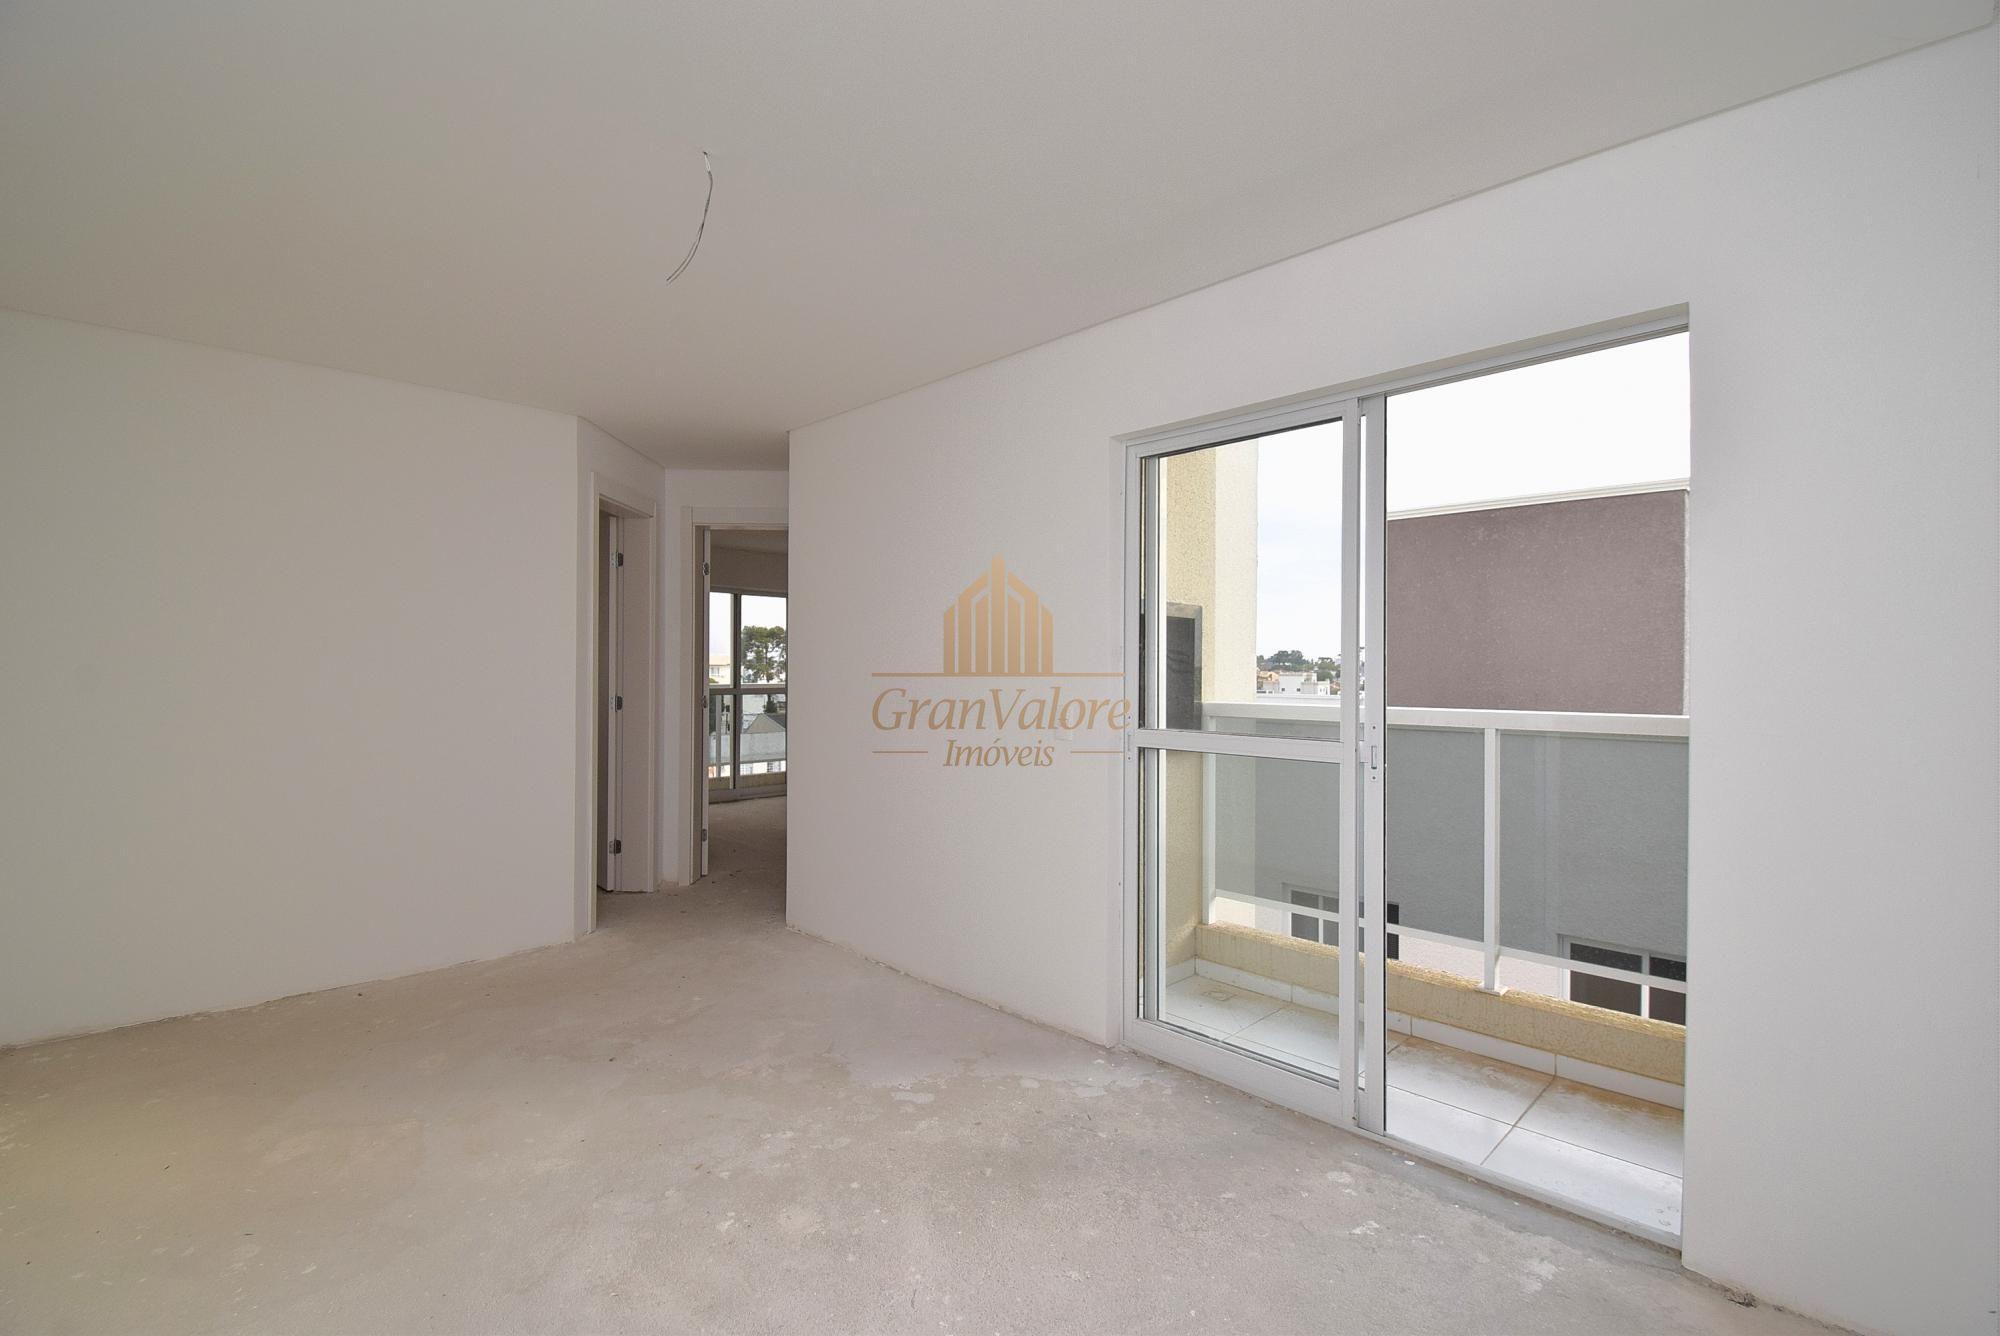 Apartamento à venda  no Afonso Pena - São José dos Pinhais, PR. Imóveis